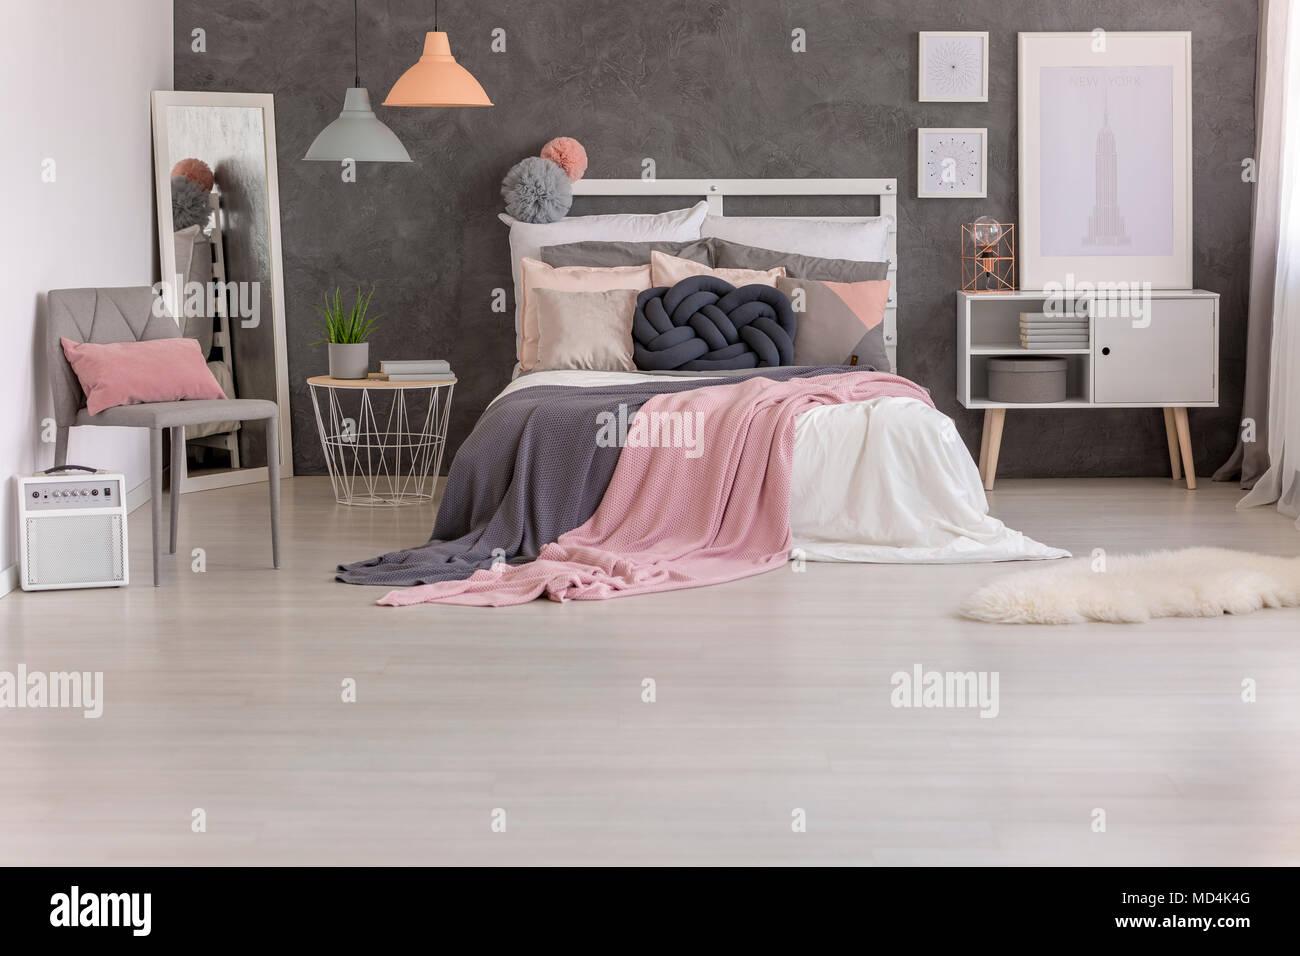 Zwei Rosa Und Grauen Decken Auf Dem Bett Geworfen Mit